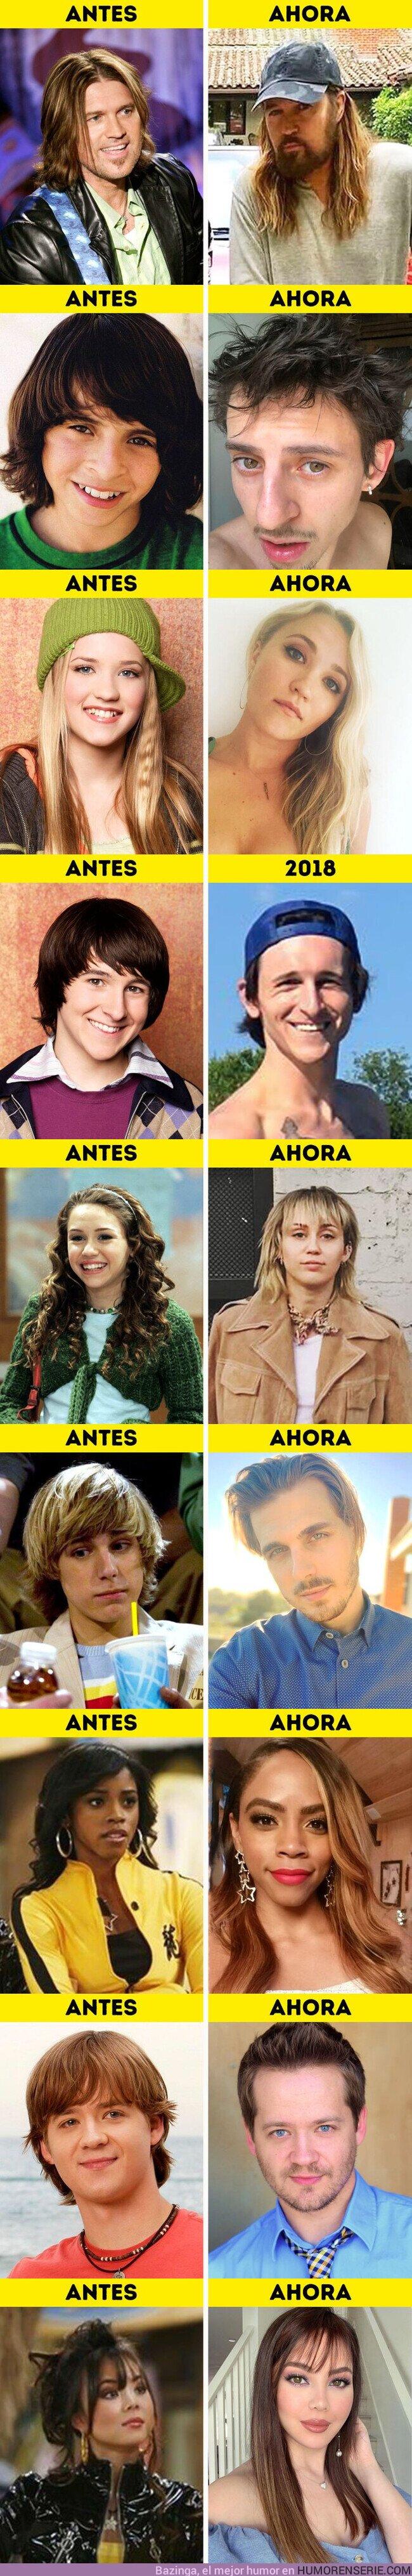 """56892 - GALERÍA: 14 Años después del estreno de """"Hannah Montana"""", así lucen hoy los actores de la serie"""